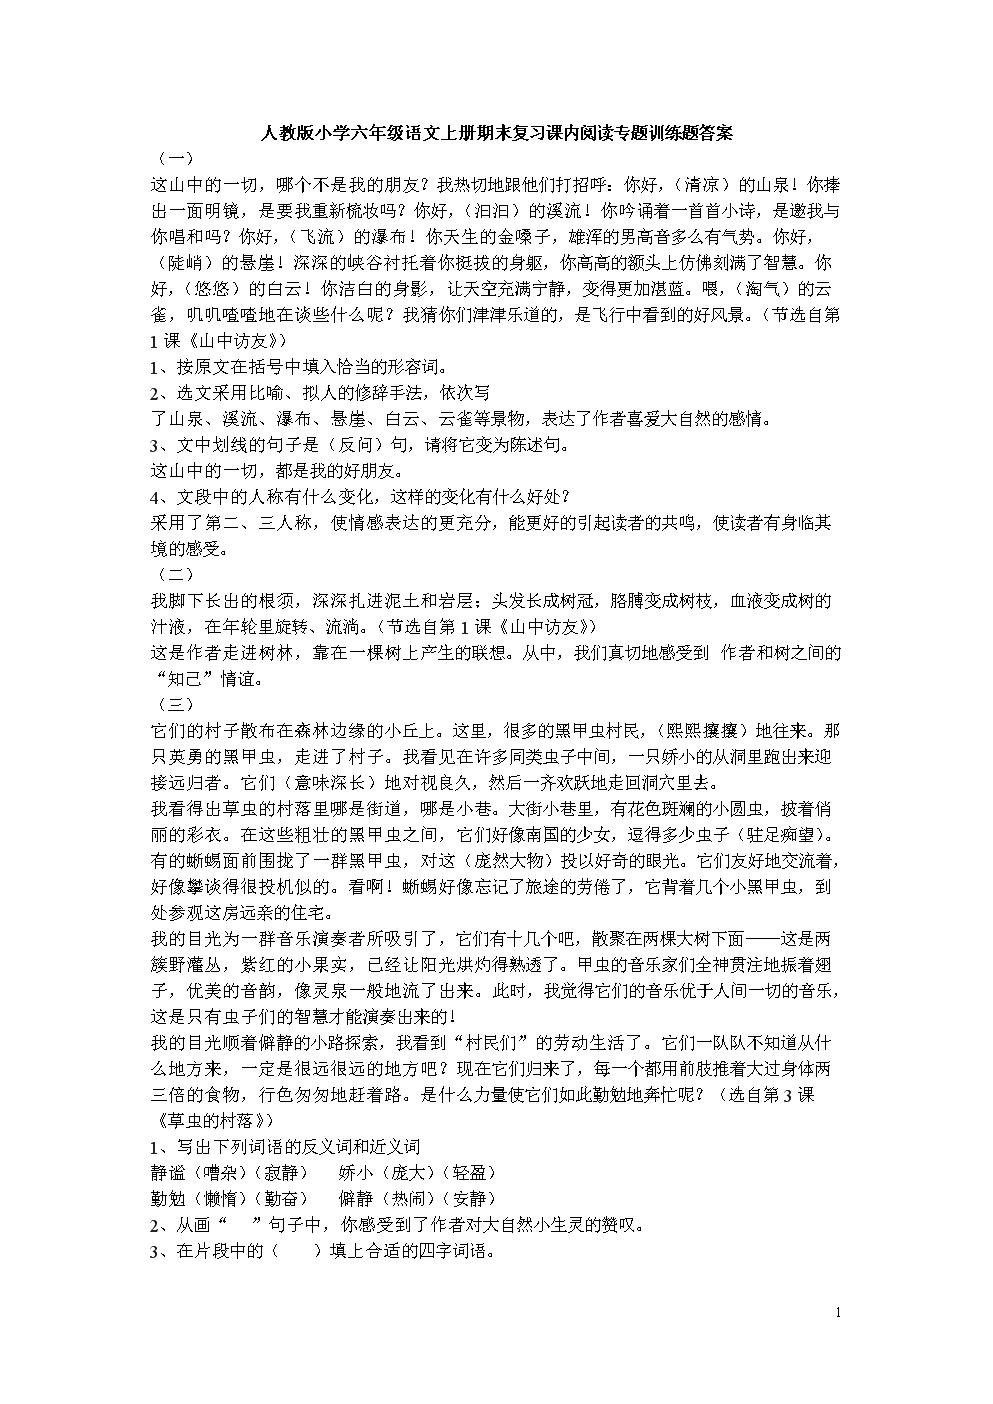 人教版语文六小学上册年级期末v人教课内雷击专阅读重庆小学图片